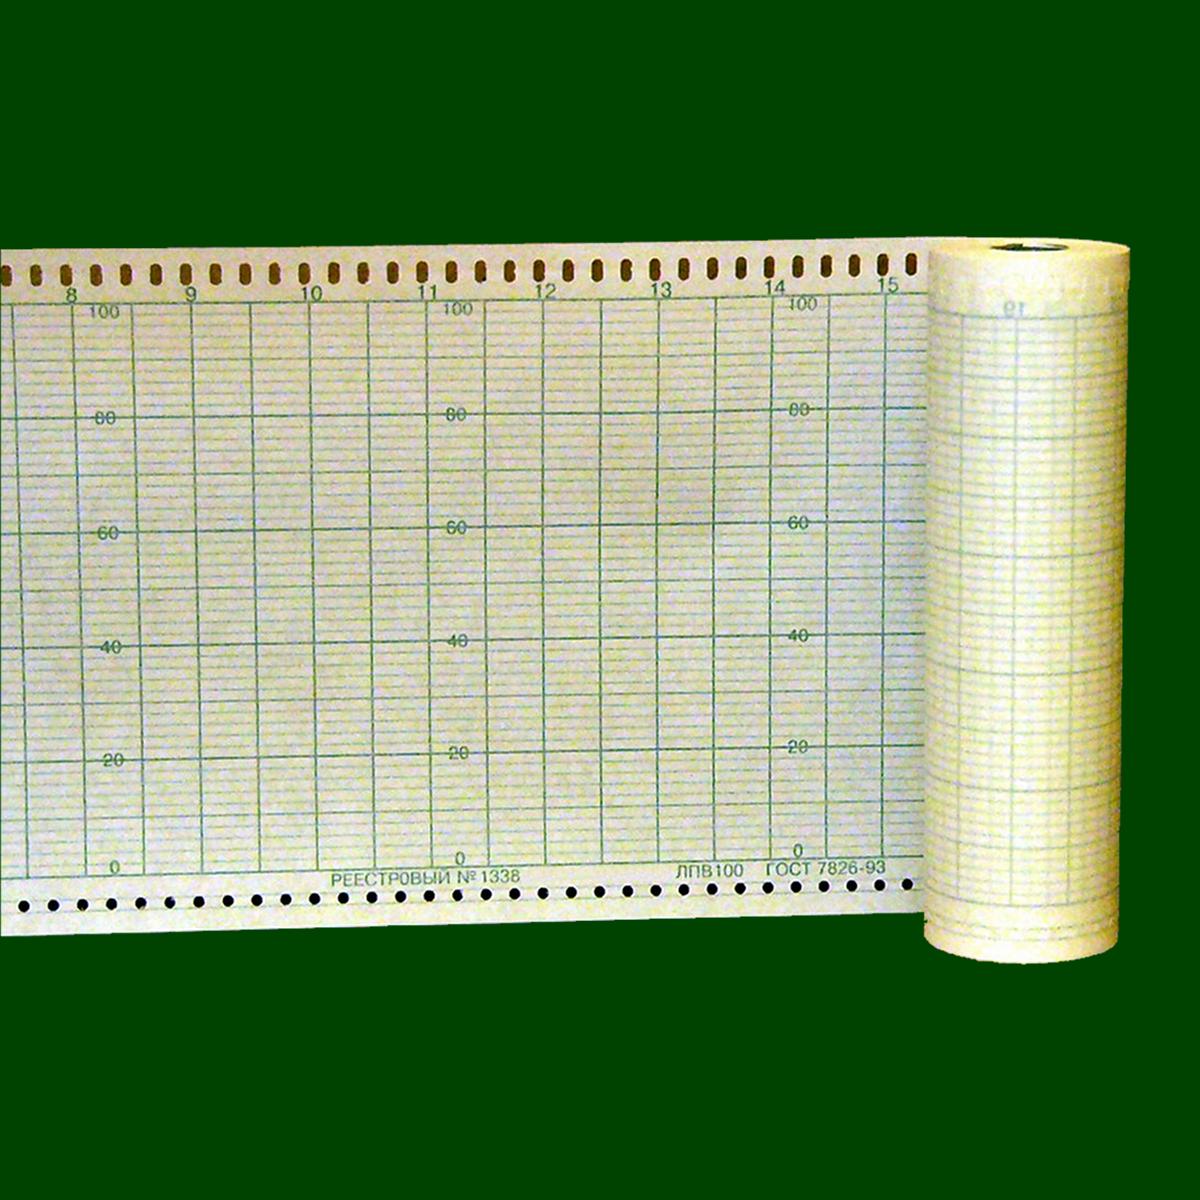 Диаграммная рулонная лента, реестровый № 1338  (53,550 руб/кв.м)